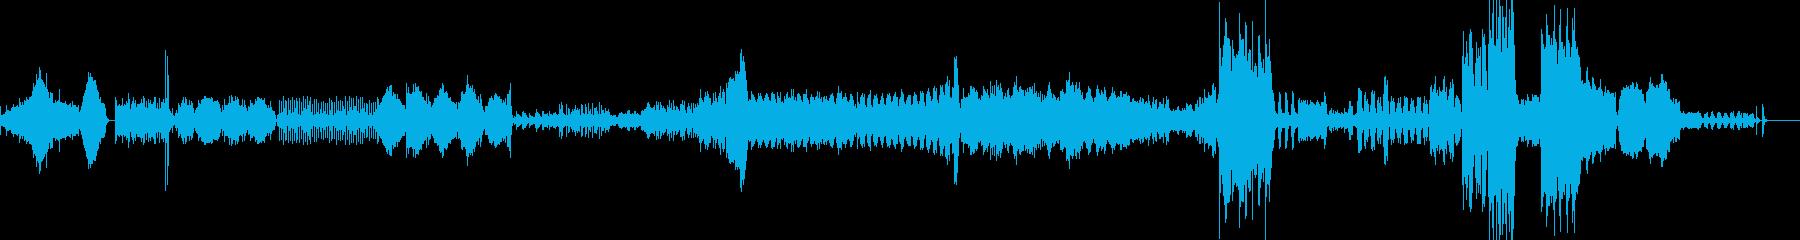 死の舞踏Vn5重奏アレンジの再生済みの波形